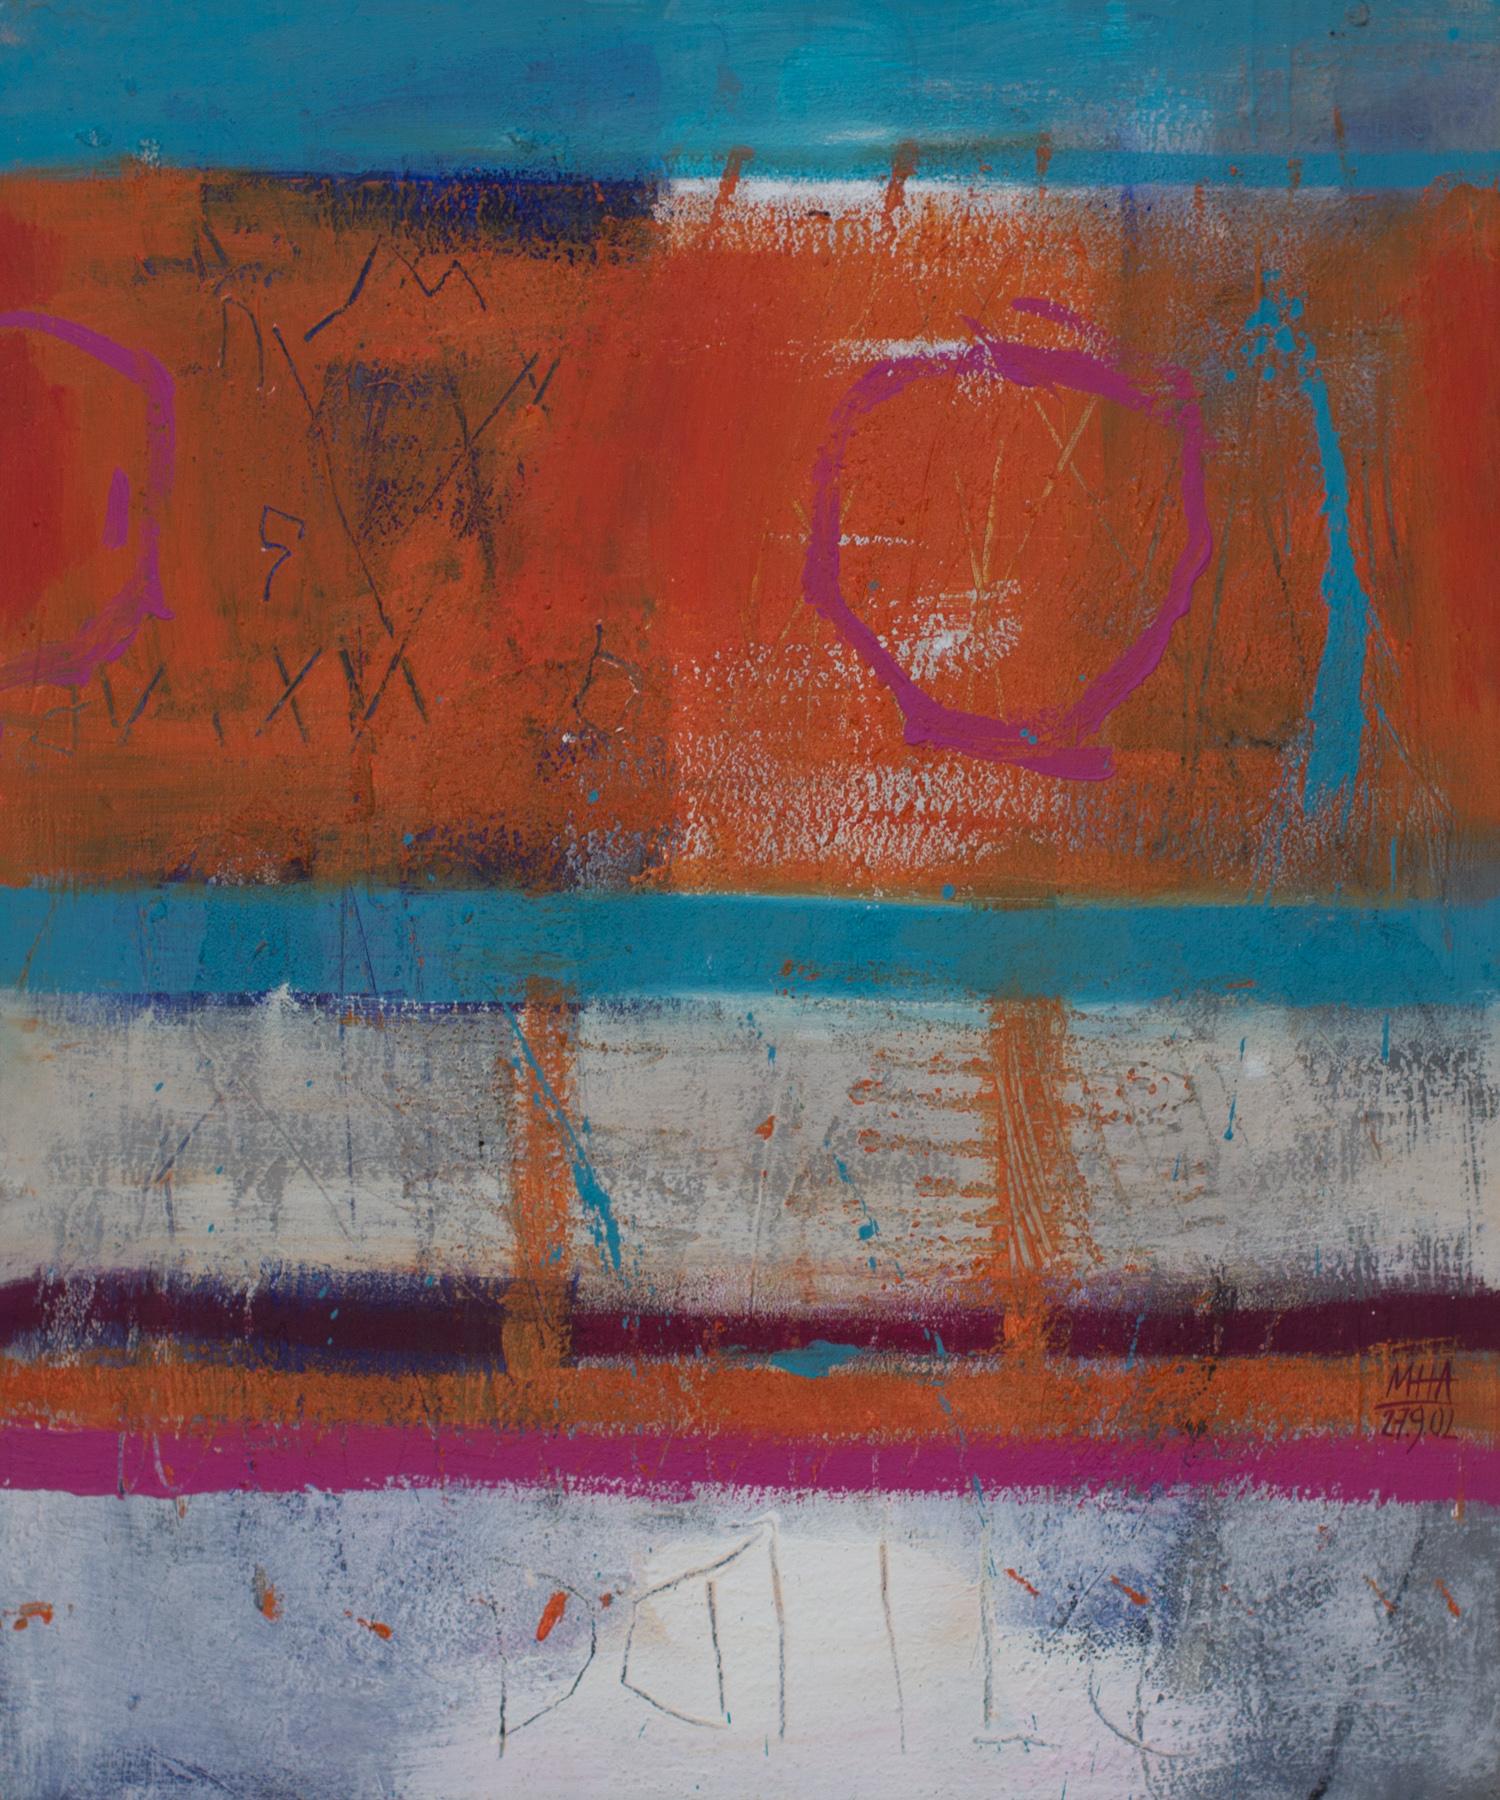 Tapiz 10 , 2002,Acryl auf Leinwand, 50x60 cm